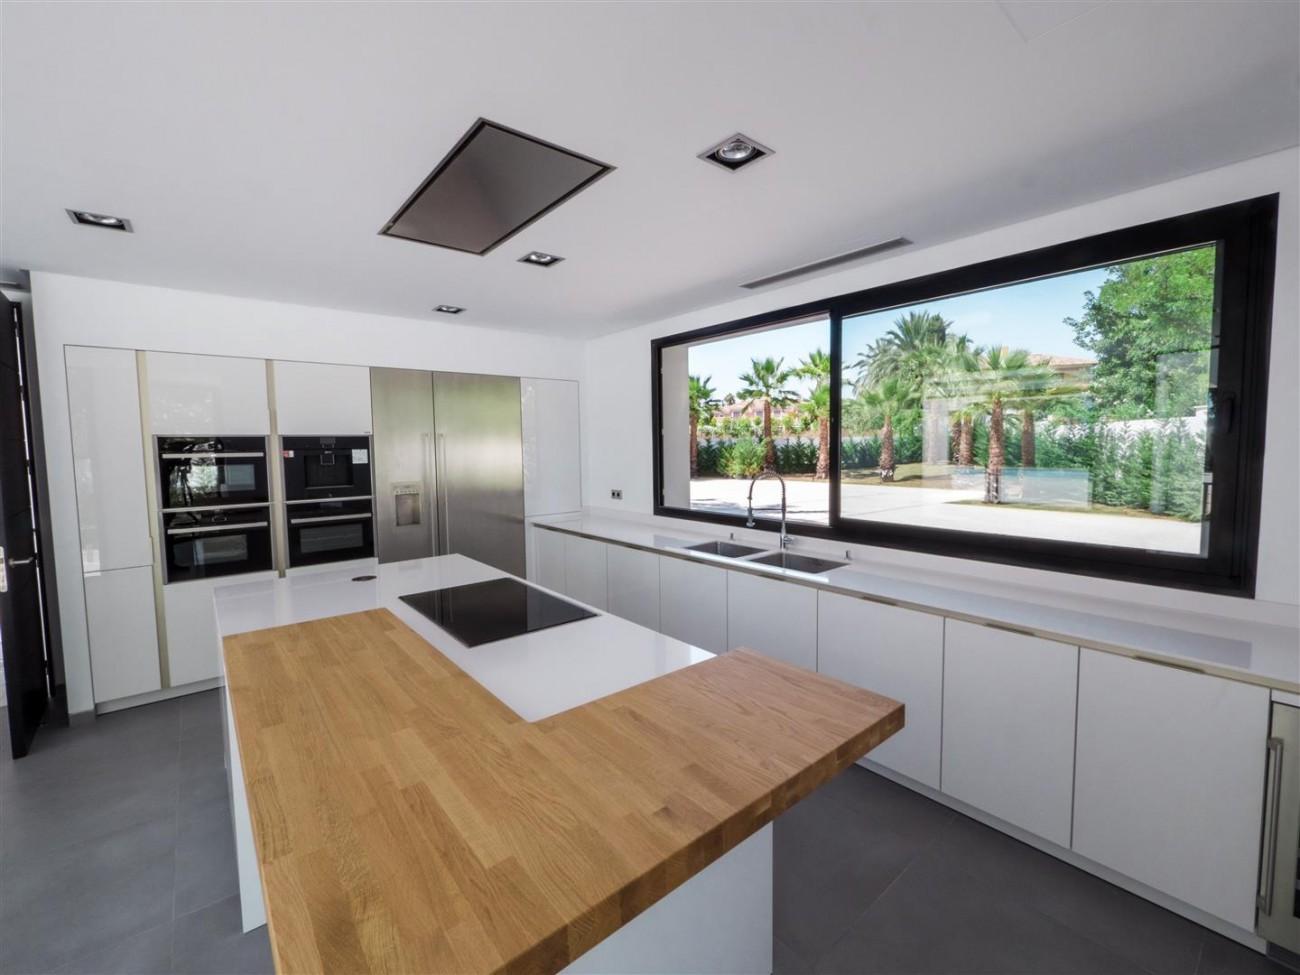 Contemporary villa for sale close to the beach Marbella (12) (Large)